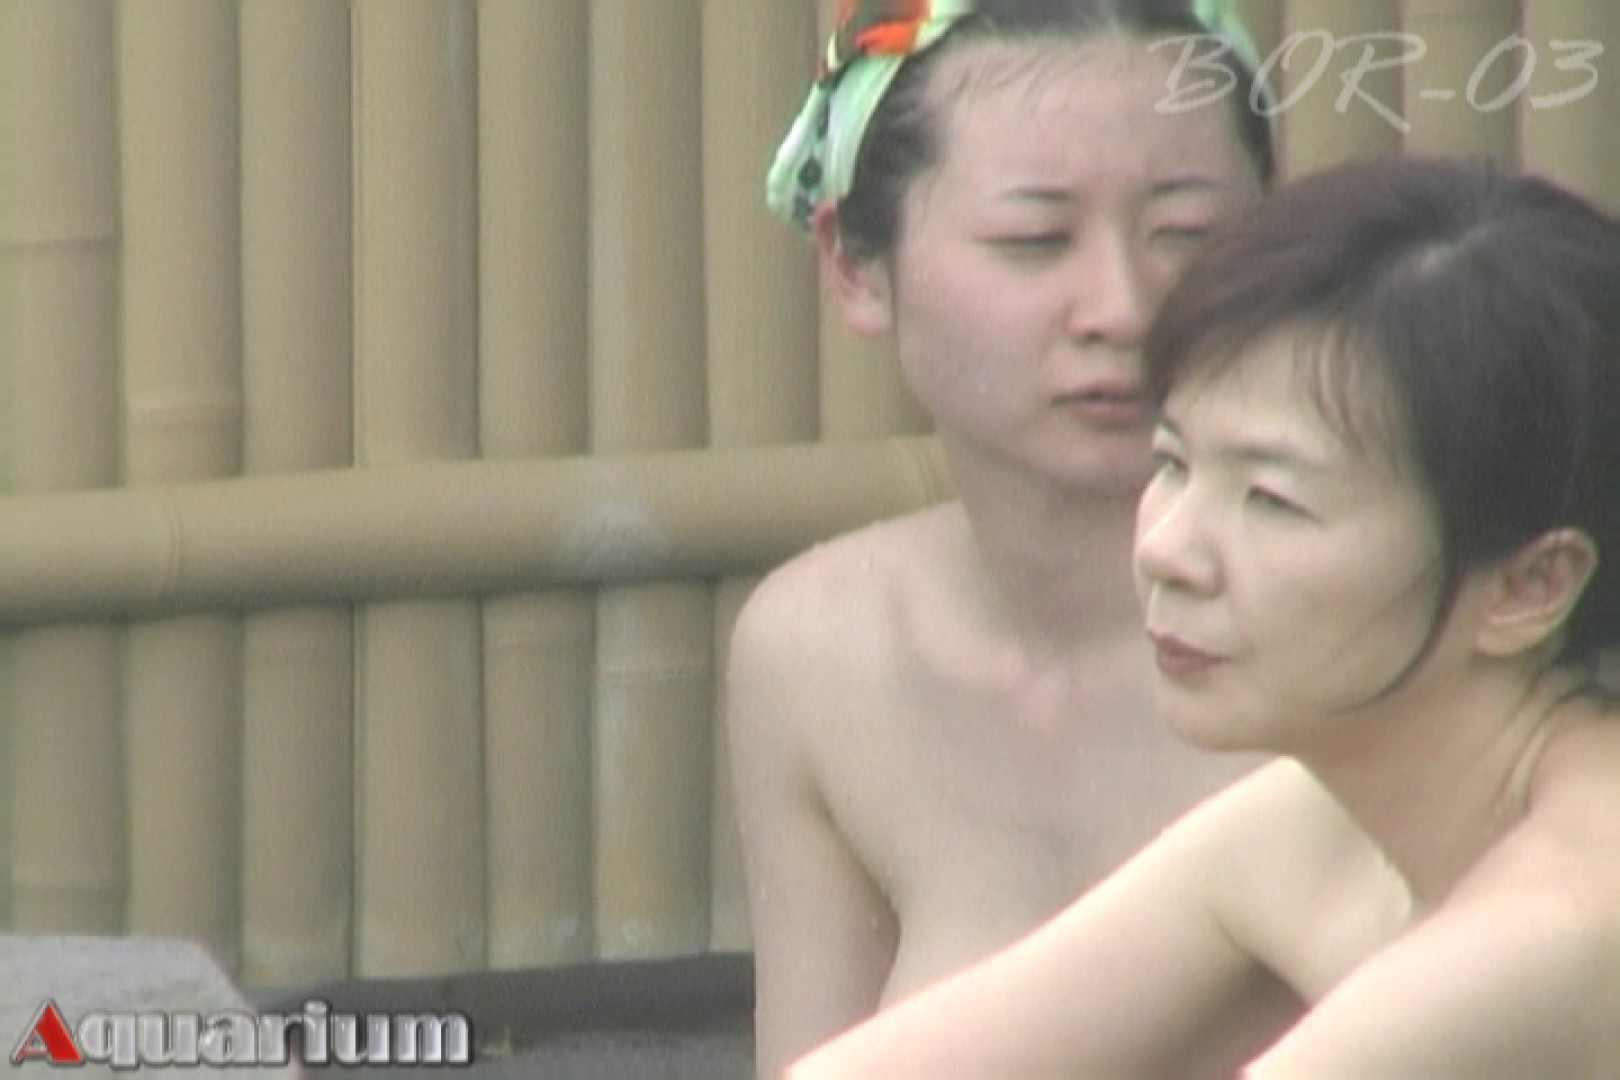 Aquaな露天風呂Vol.482 OLエロ画像 | 盗撮  20PICs 19